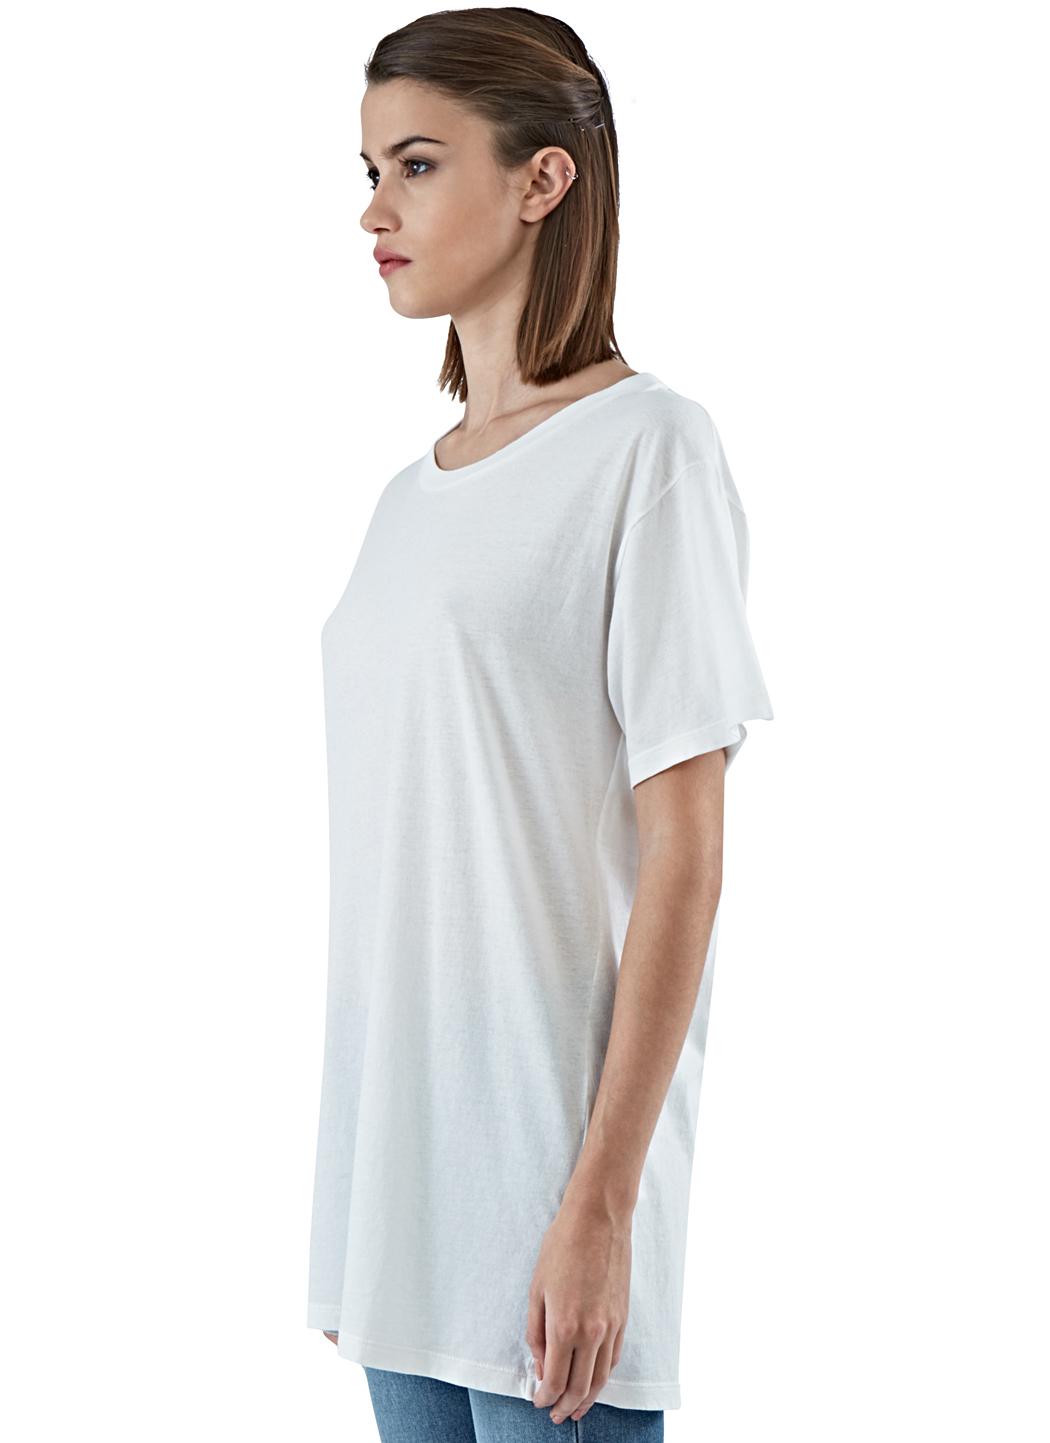 Saint laurent women 39 s oversized short sleeved t shirt in for Saint laurent shirt womens